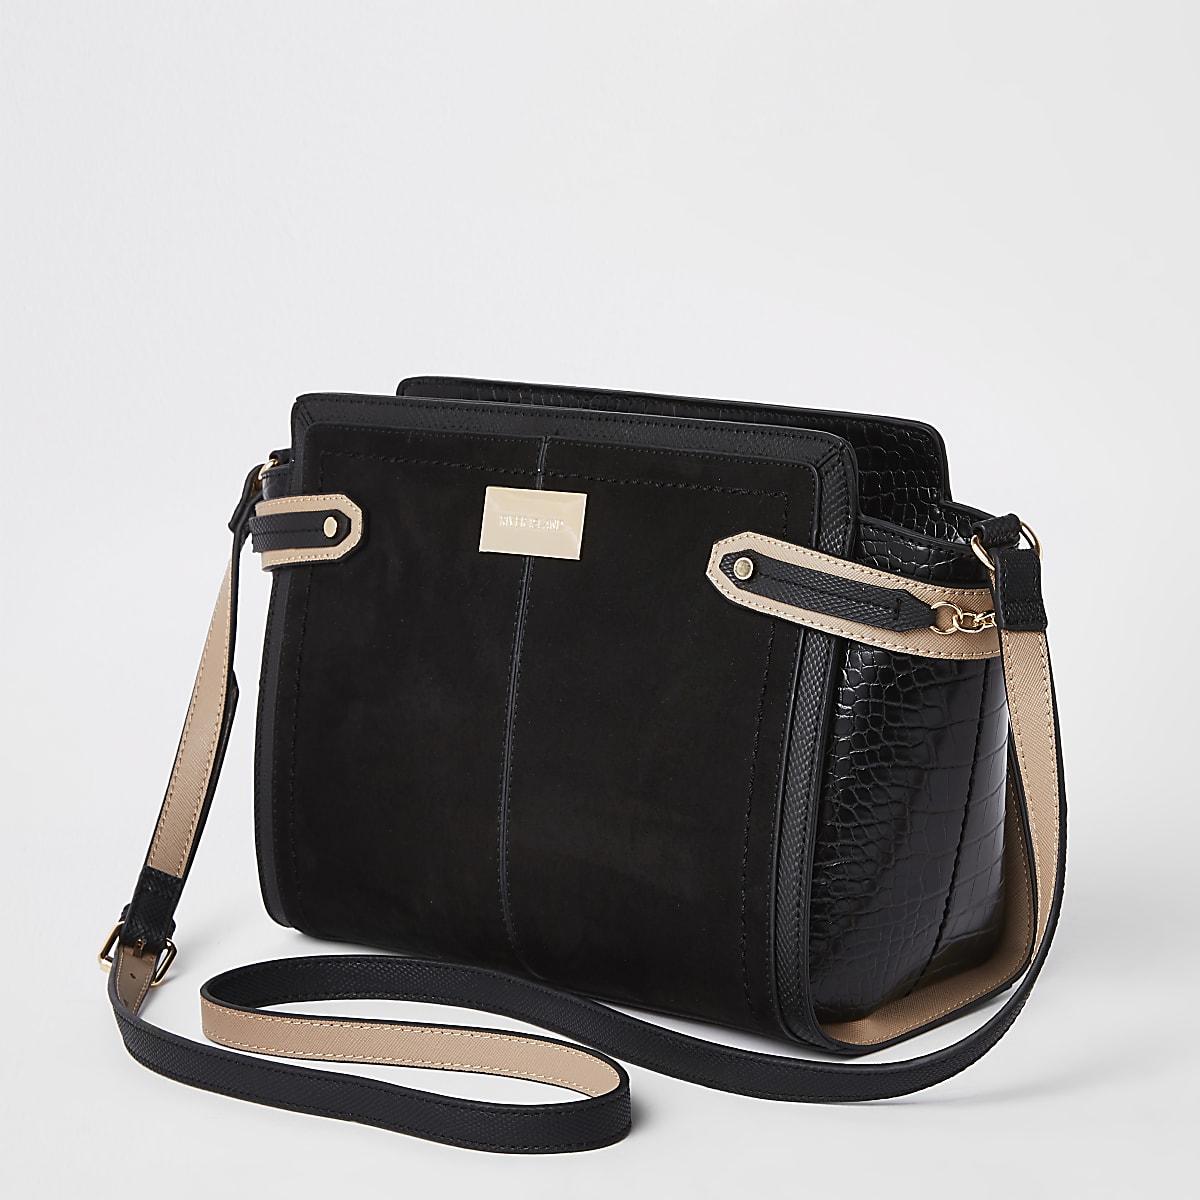 Zwarte crossbodytas met gesp aan de zijkant